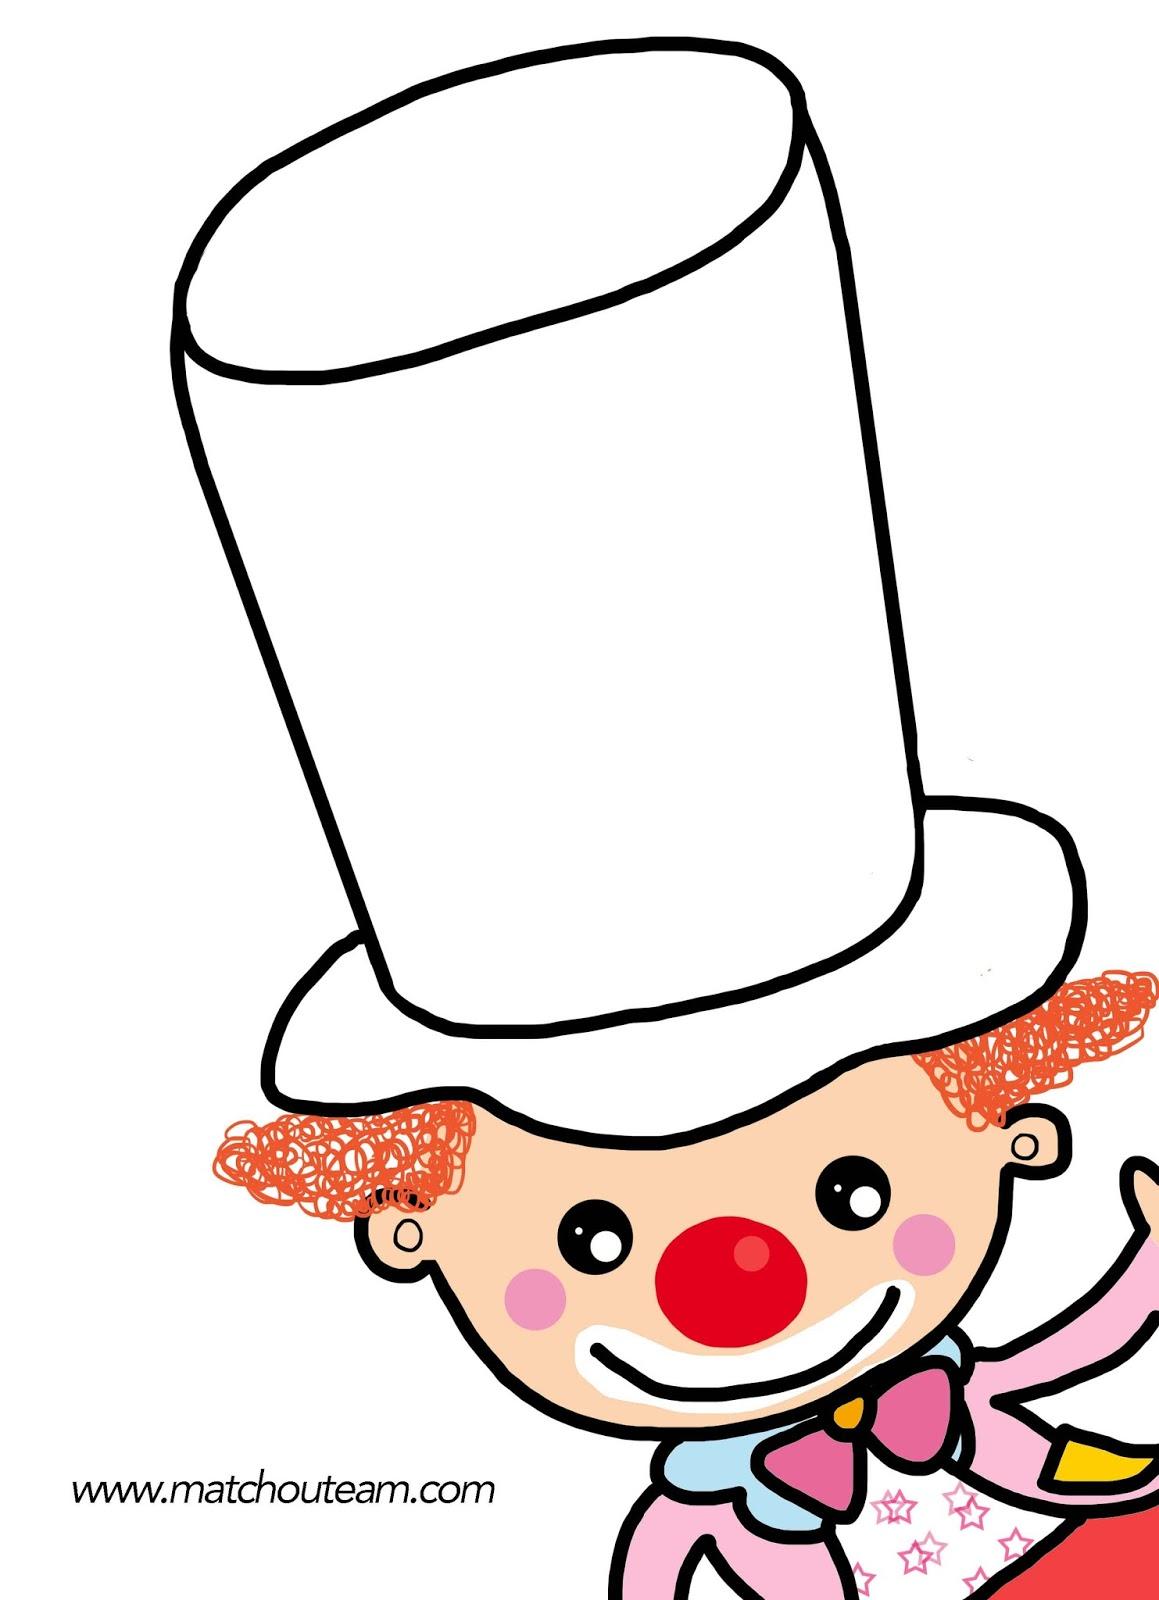 Coloriage Carnaval Momes.Coloriage De Carnaval A Imprimer Gratuit Liberate